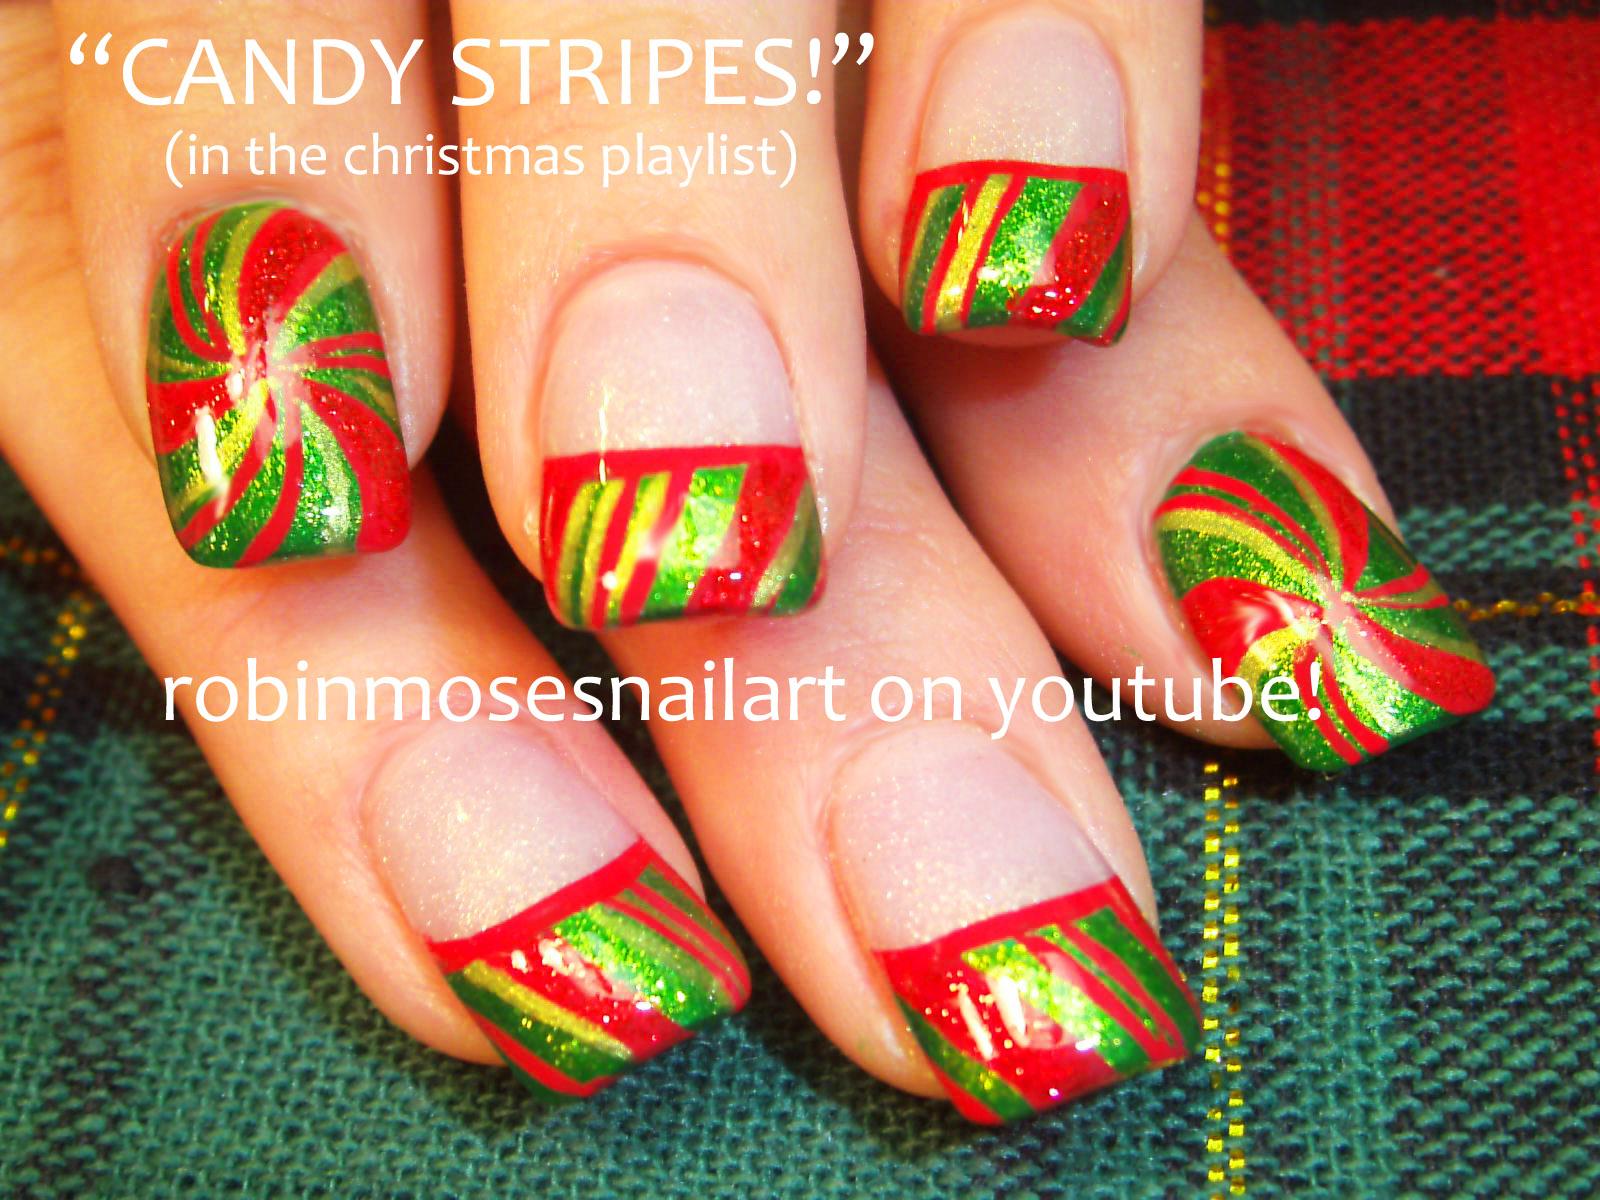 Robin moses nail art nail art christmas nail art sexy santa christmas nail art peppermint candy prinsesfo Choice Image